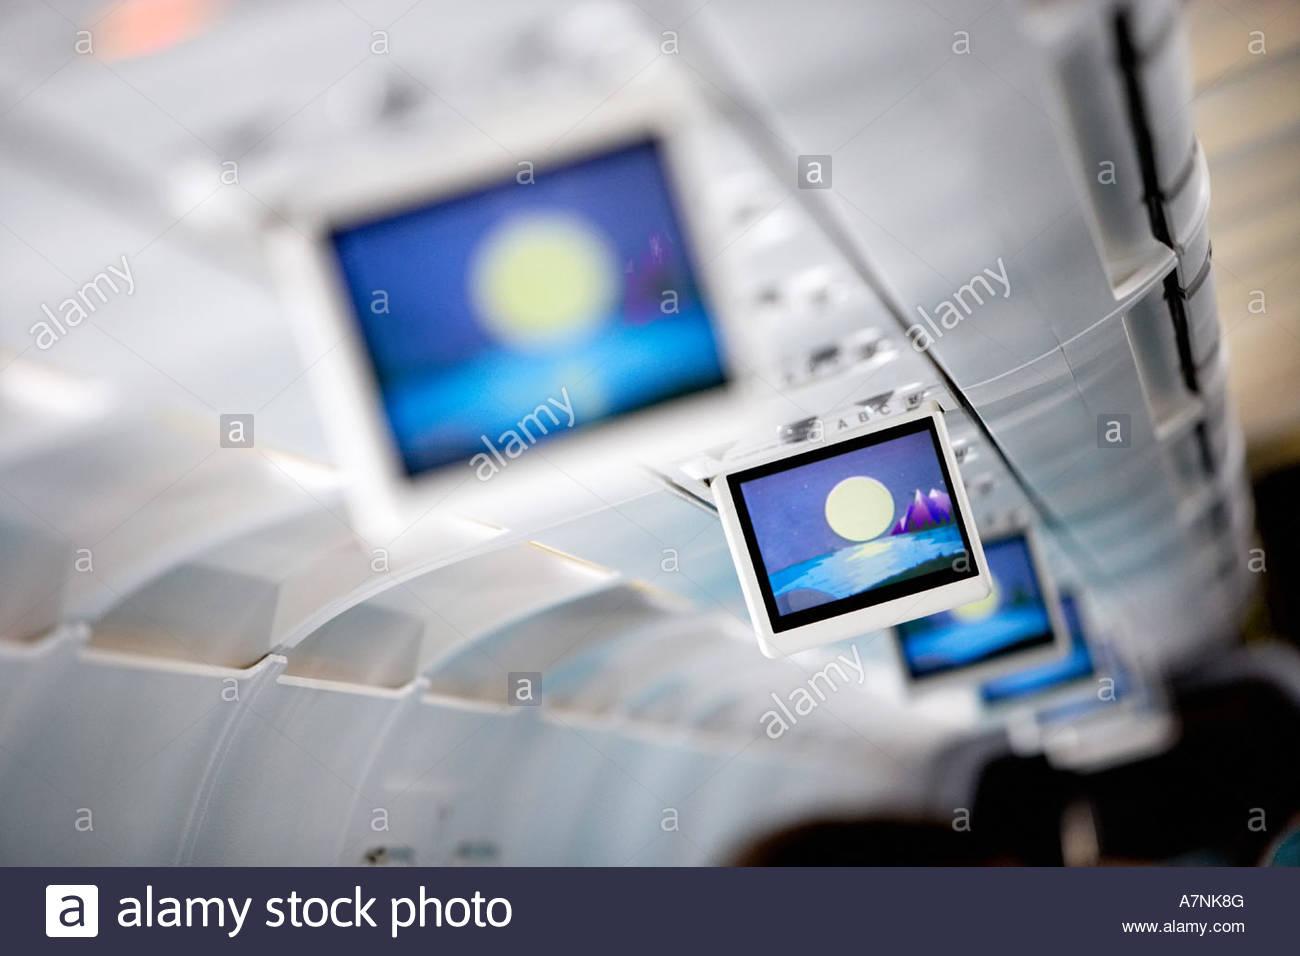 Fila de azul de pantallas visuales en la cabina del avión de pasillo enfoque diferencial Imagen De Stock